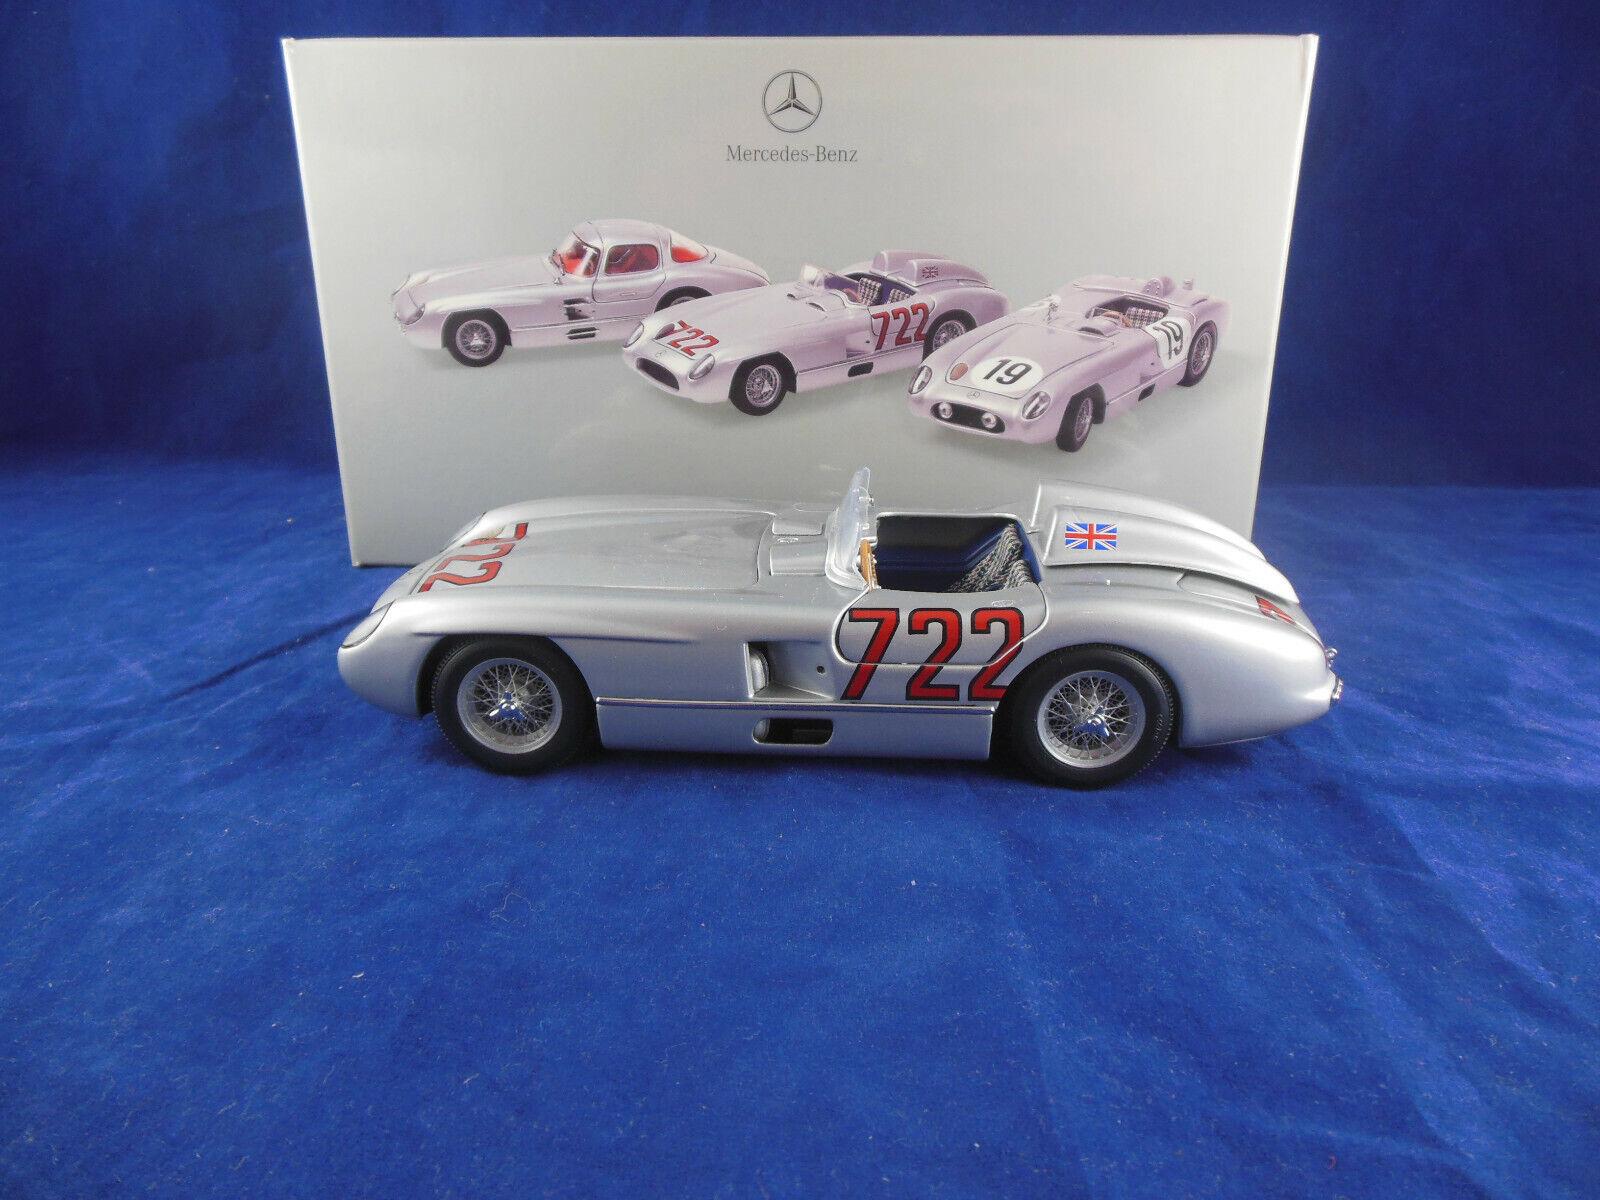 MINICHAMPS B6 604 0242 1955 Mercedes  Benz 300 SLR Sieger Mille Miglia 1 24 sur  le magasin